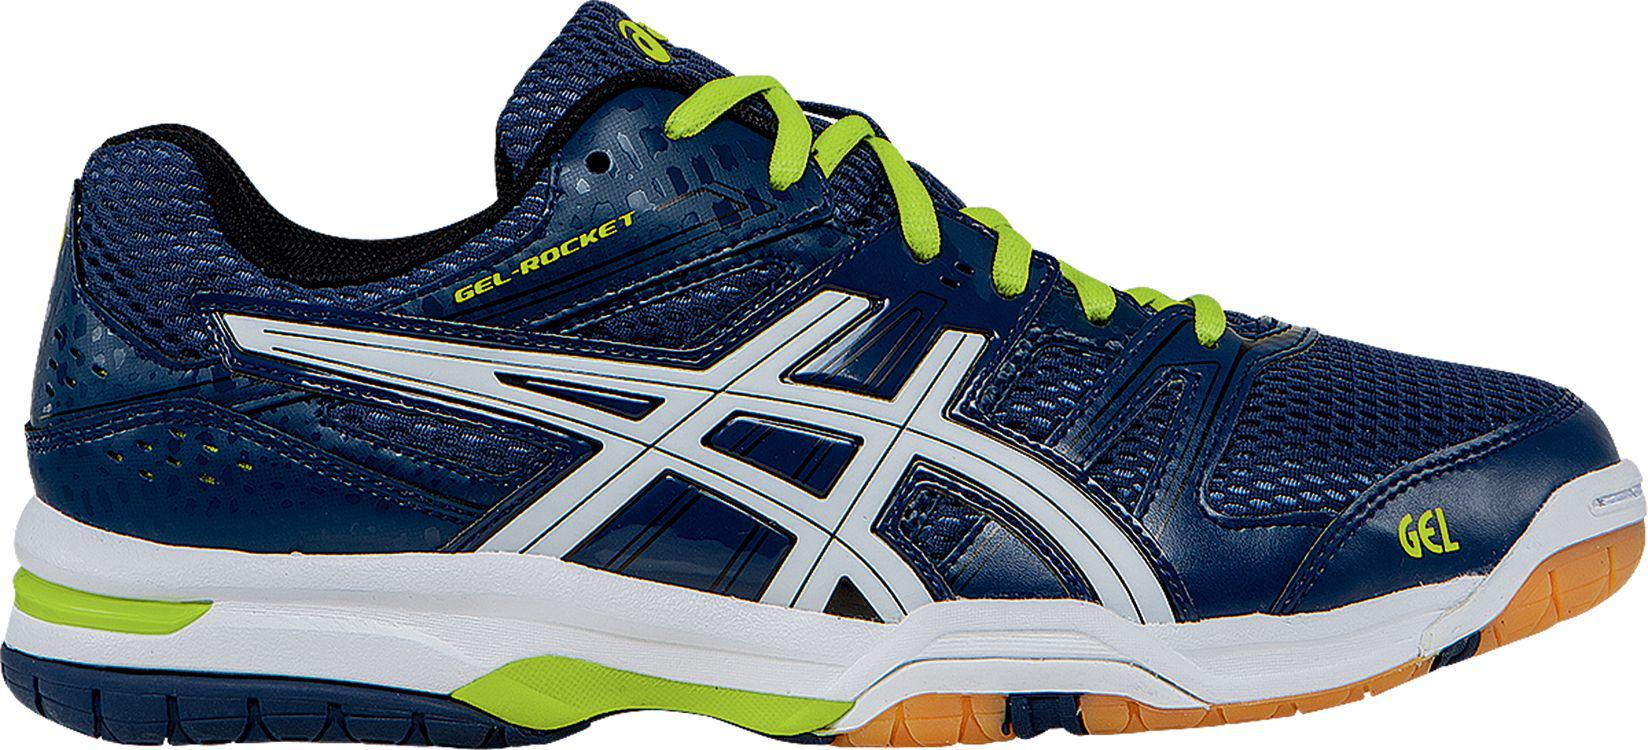 Lyst Asics bleu Gel Gel Rocket 7 Chaussures de de volleyball en bleu pour homme 027e326 - trumpfacts.website